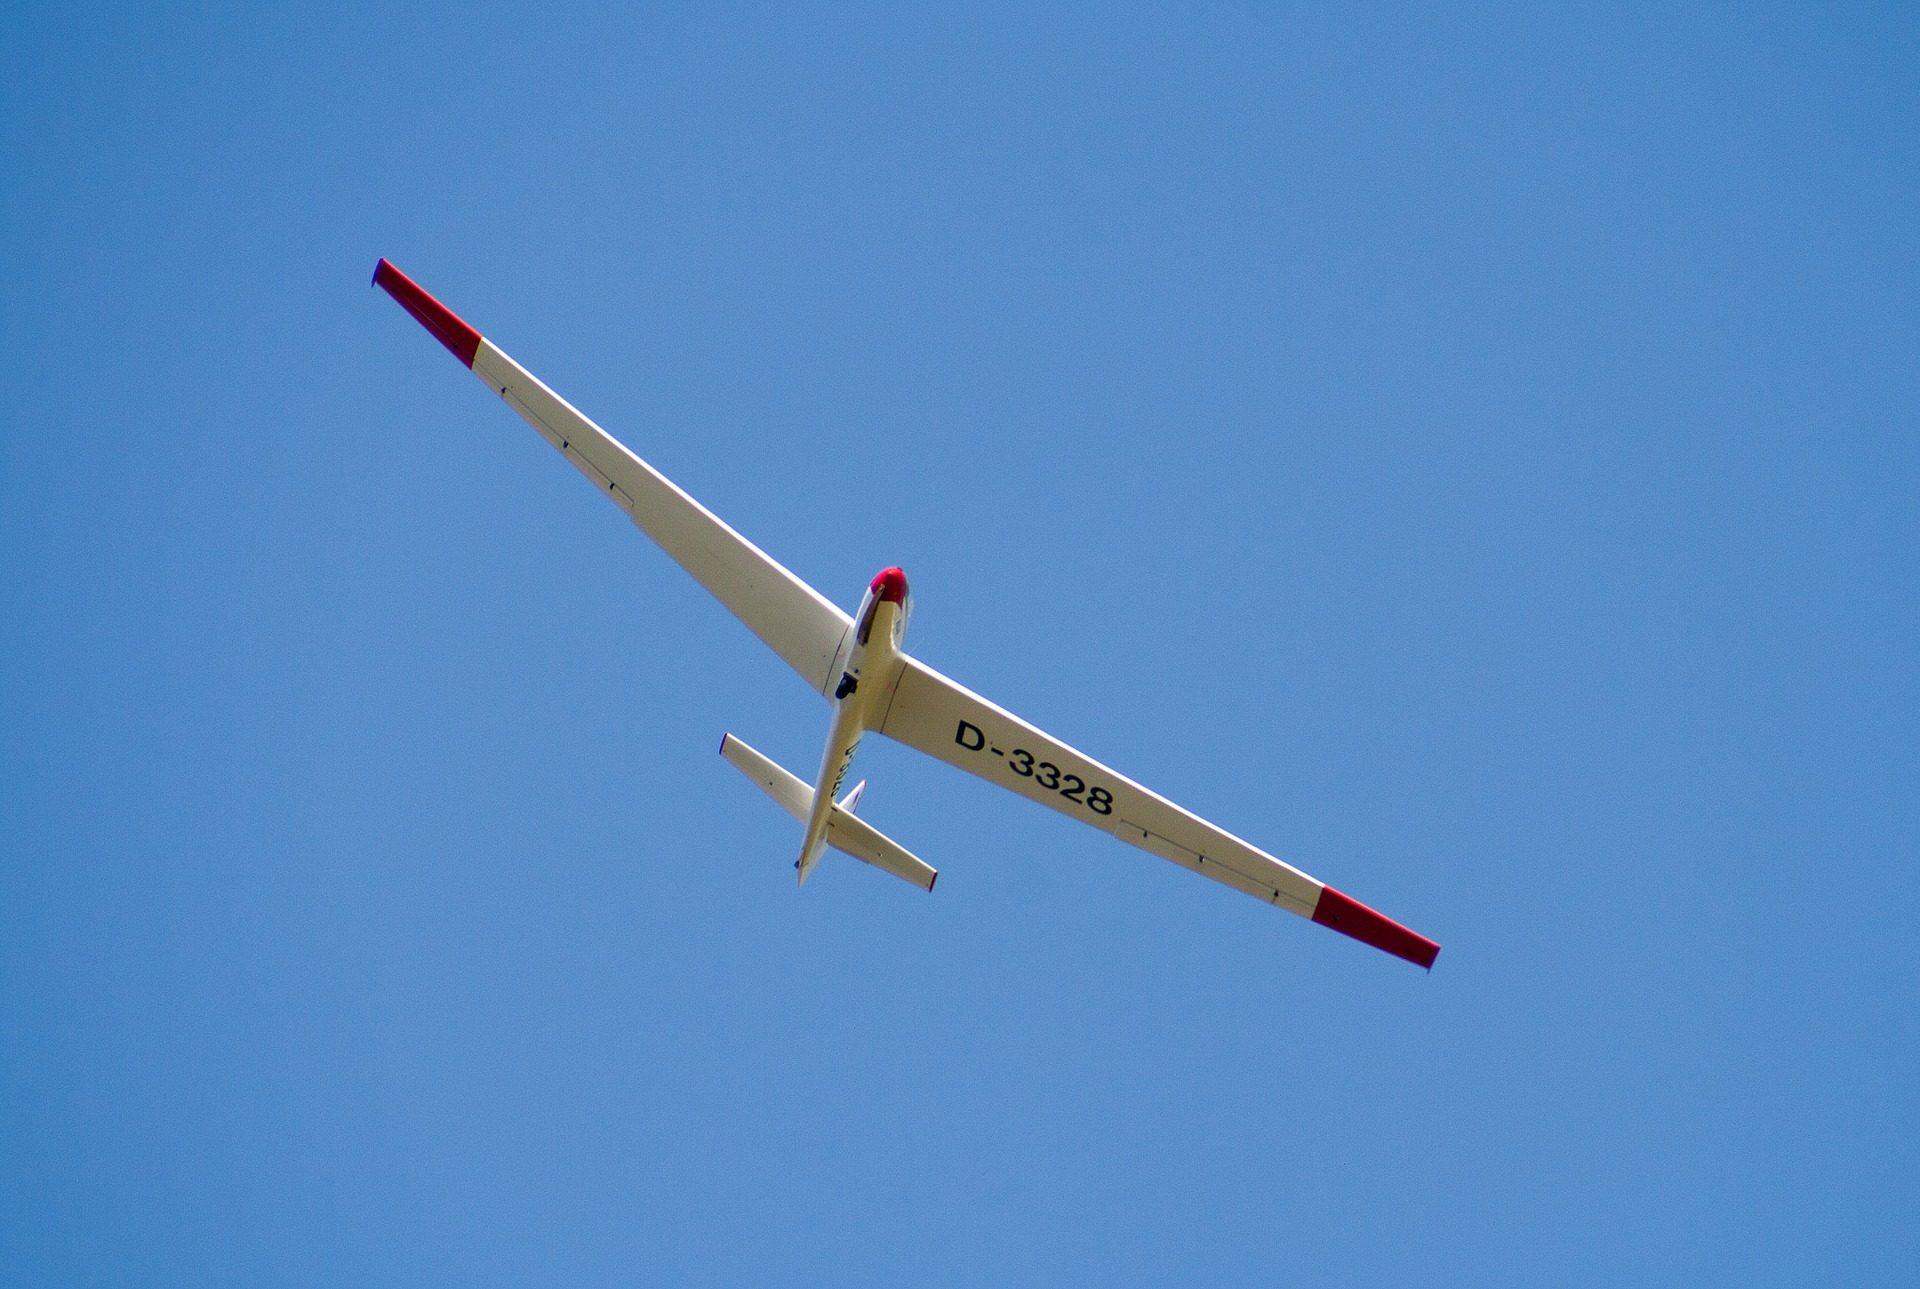 avioneta, avião, planador, asas, voar - Papéis de parede HD - Professor-falken.com